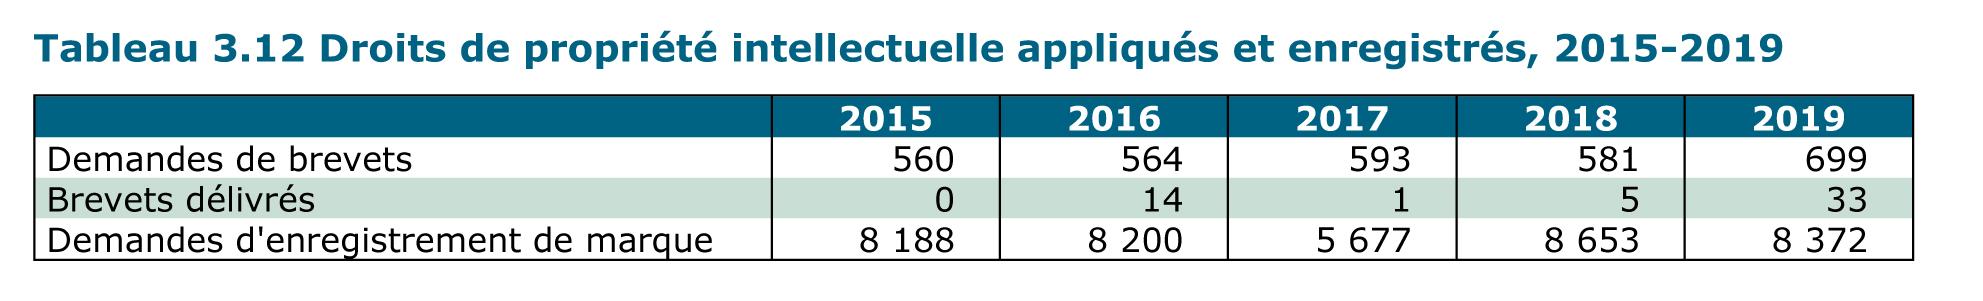 Droits de propriété intellectuelle appliqués et enregistrés, 2015-2019